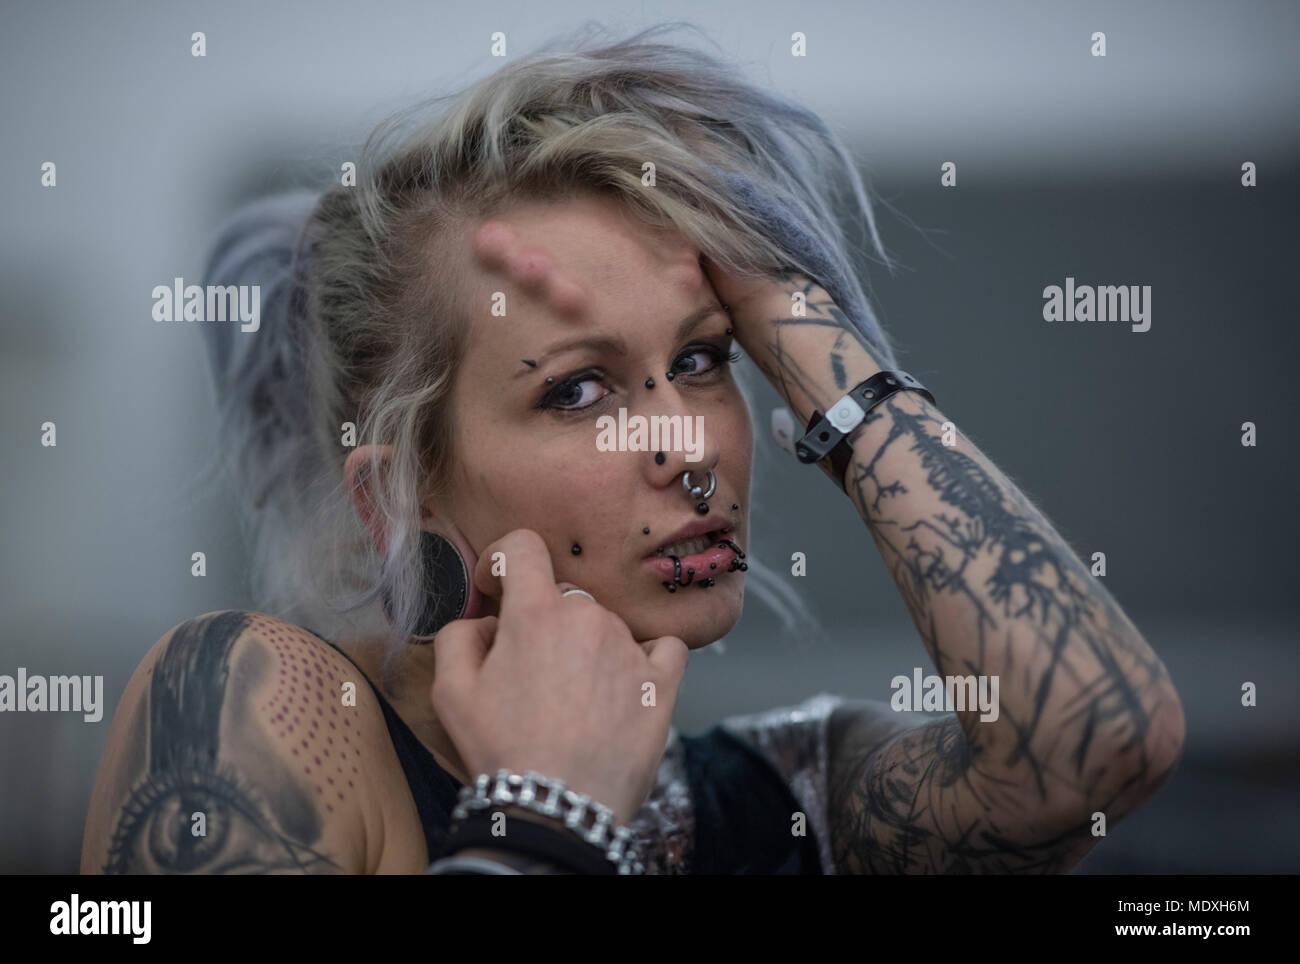 francfort, allemagne. 21 avril, 2018. suma présente ses tatouages